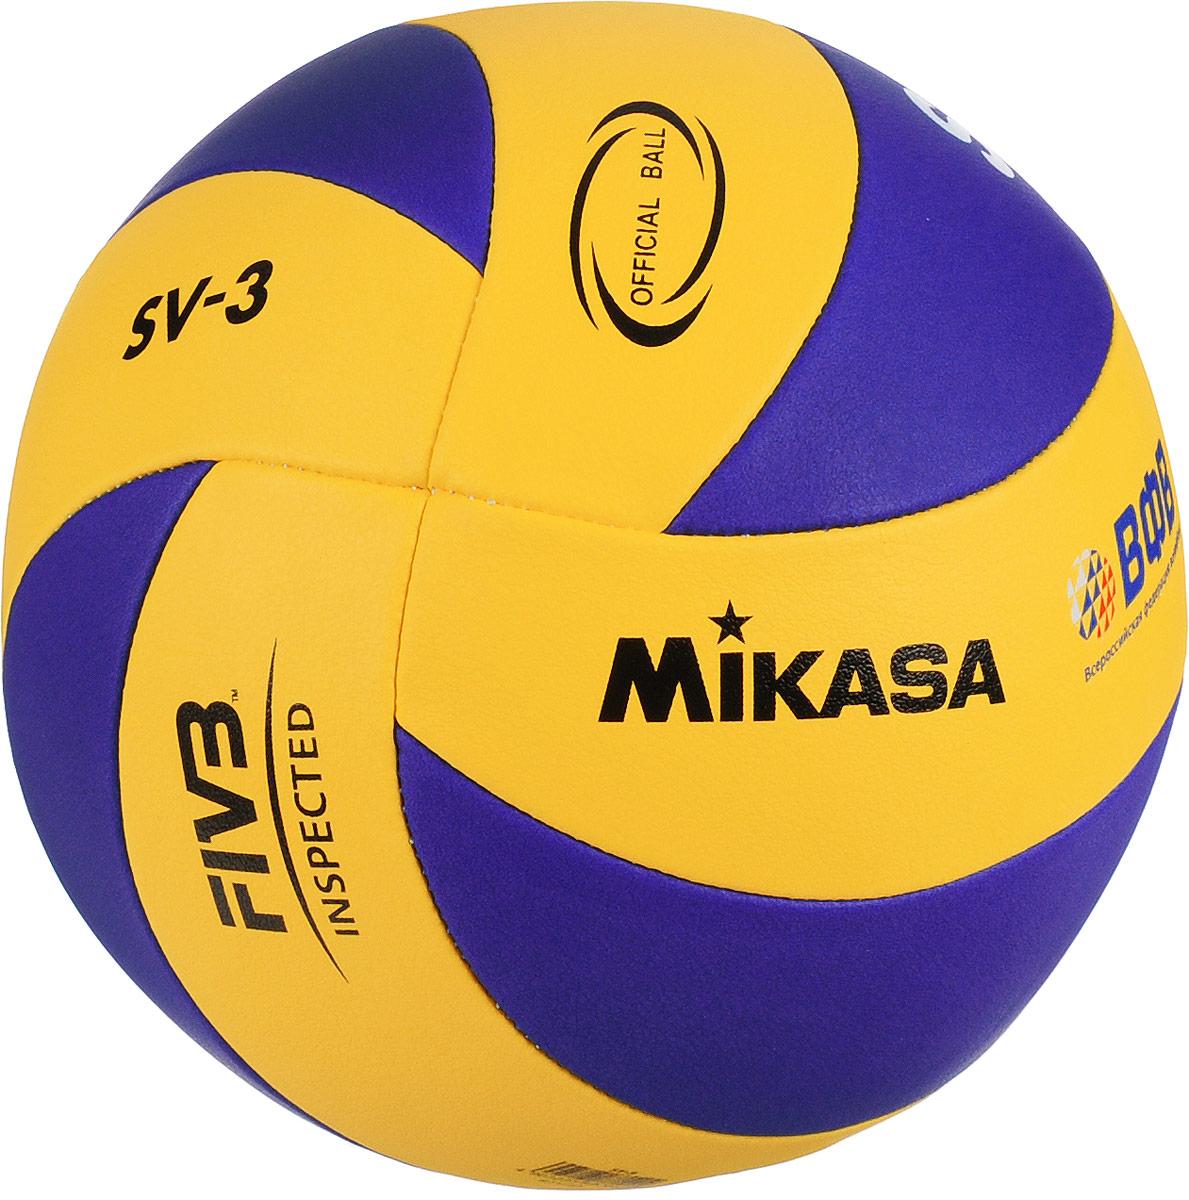 Мяч волейбольный Mikasa SV-3 School. Размер 5УТ-00001288Mikasa SV-3 School - это легкий детский мяч с бархатистой поверхностью. имеющий яркий дизайн, поверхность из мягкой синтетической пены. Состоит из 8 панелей, изготовленных из синтетической кожи машинной сшивкой. Технология сшивки панелей TwinSTLock обеспечивает долговечность и прочность, как у клееного мяча.УВАЖЕМЫЕ КЛИЕНТЫ!Обращаем ваше внимание на тот факт, что мяч поставляется в сдутом виде. Насос в комплект не входит.